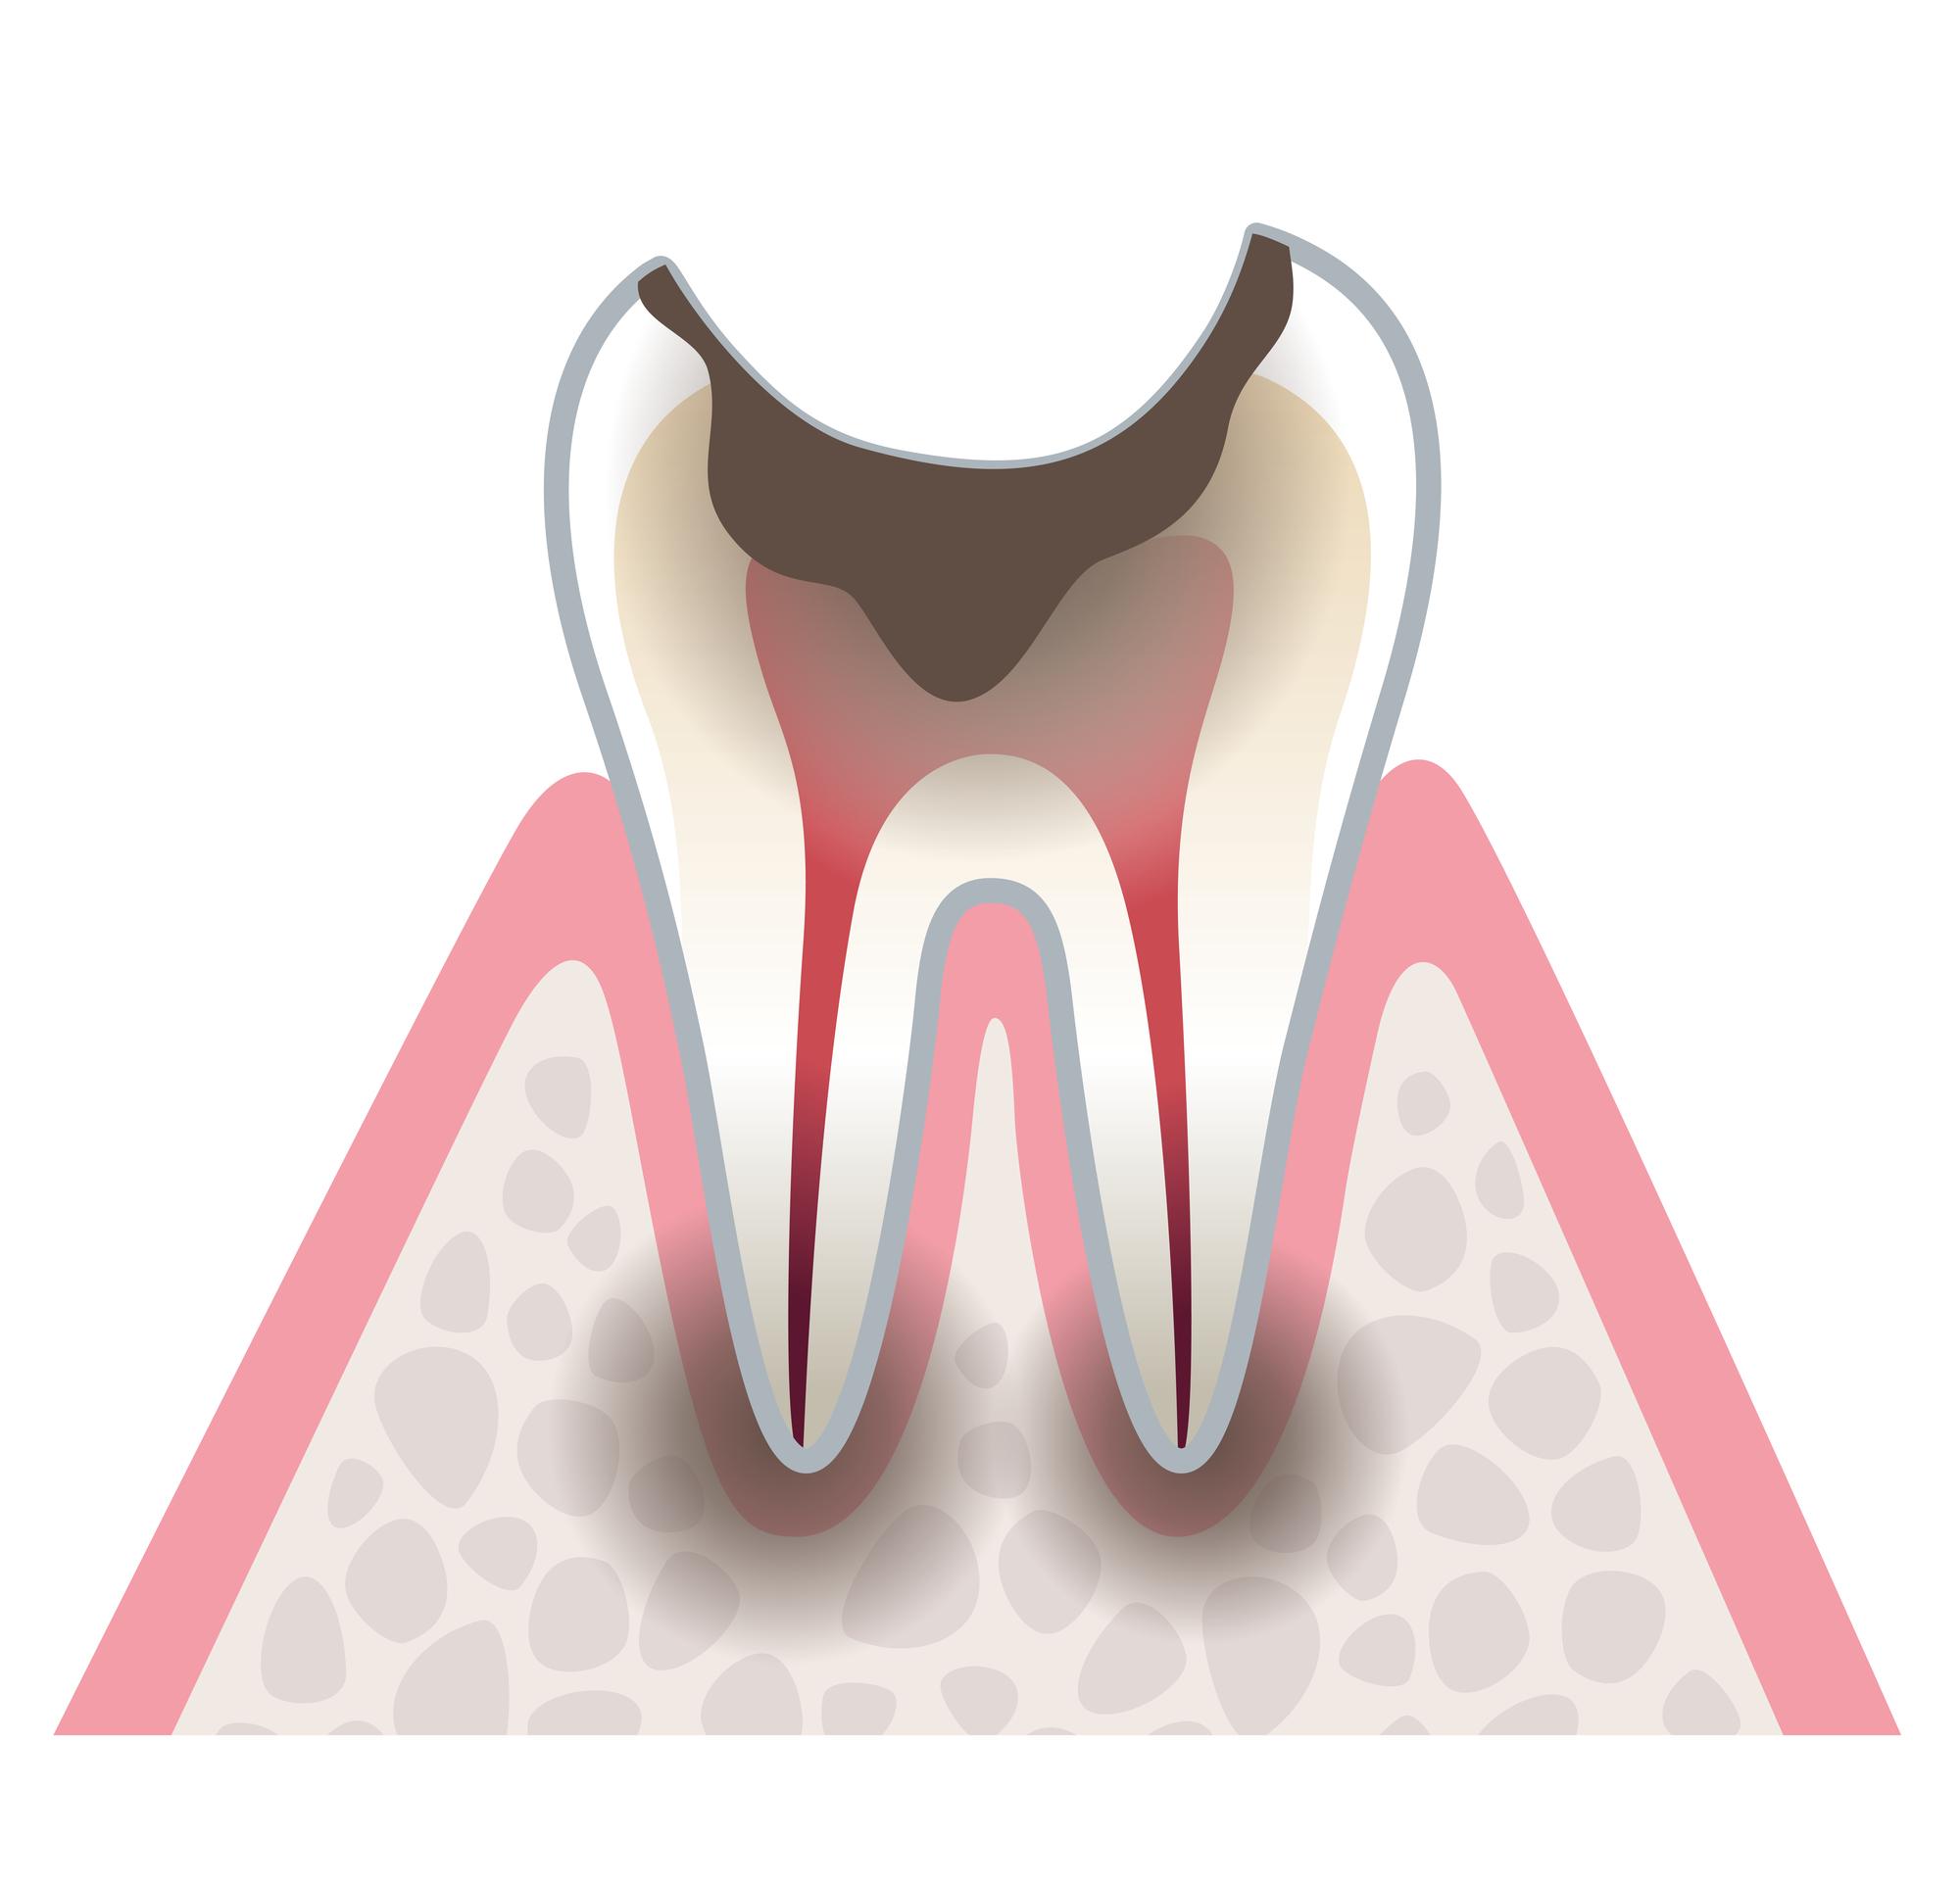 歯根まで進行した虫歯のイラスト